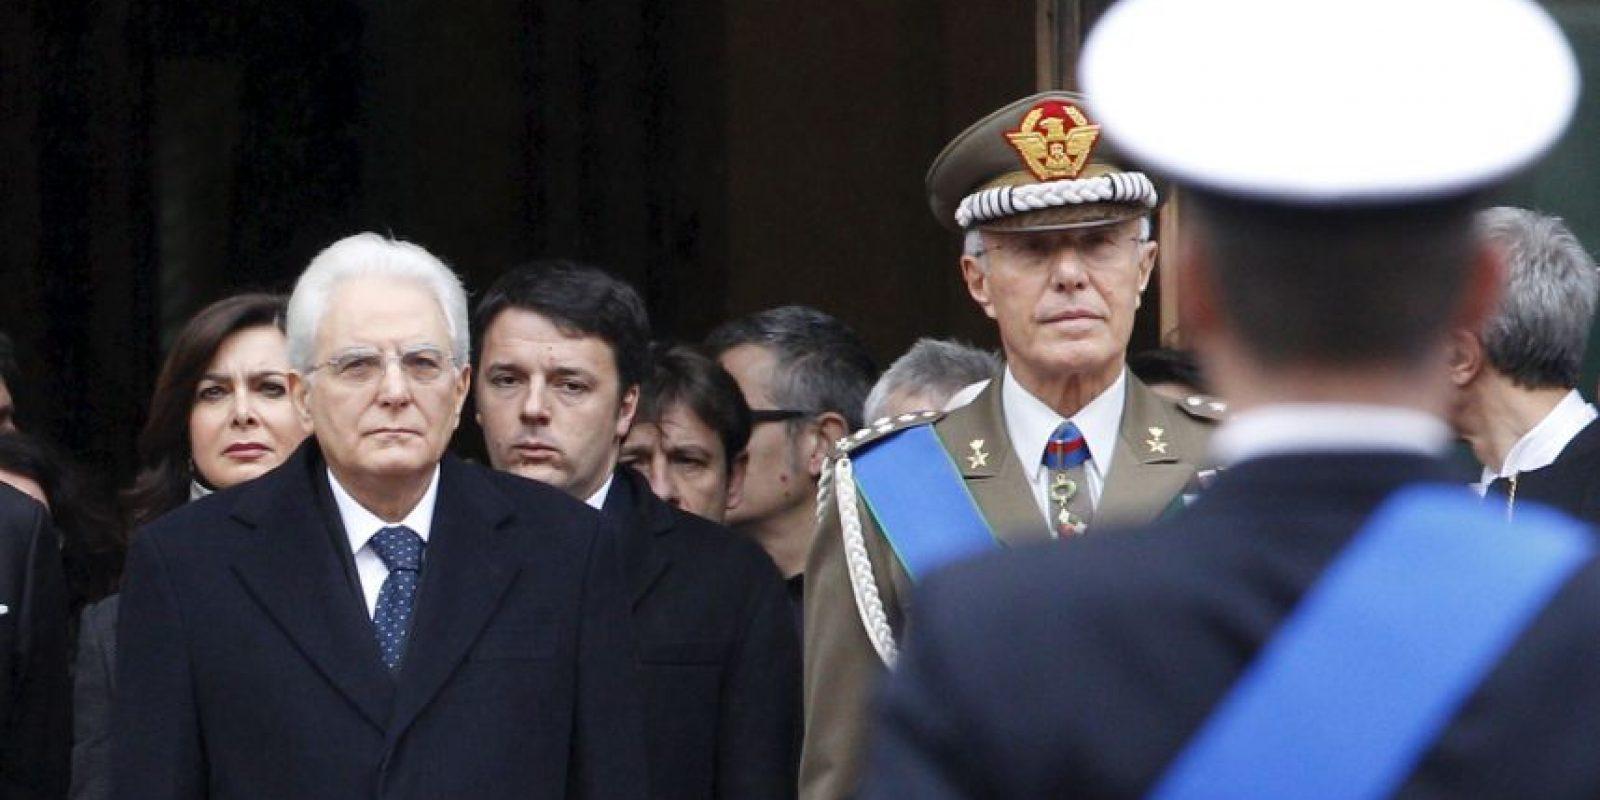 El 3 de febrero de 2015 se convirtió en Presidente de Italia. Foto:Getty Images